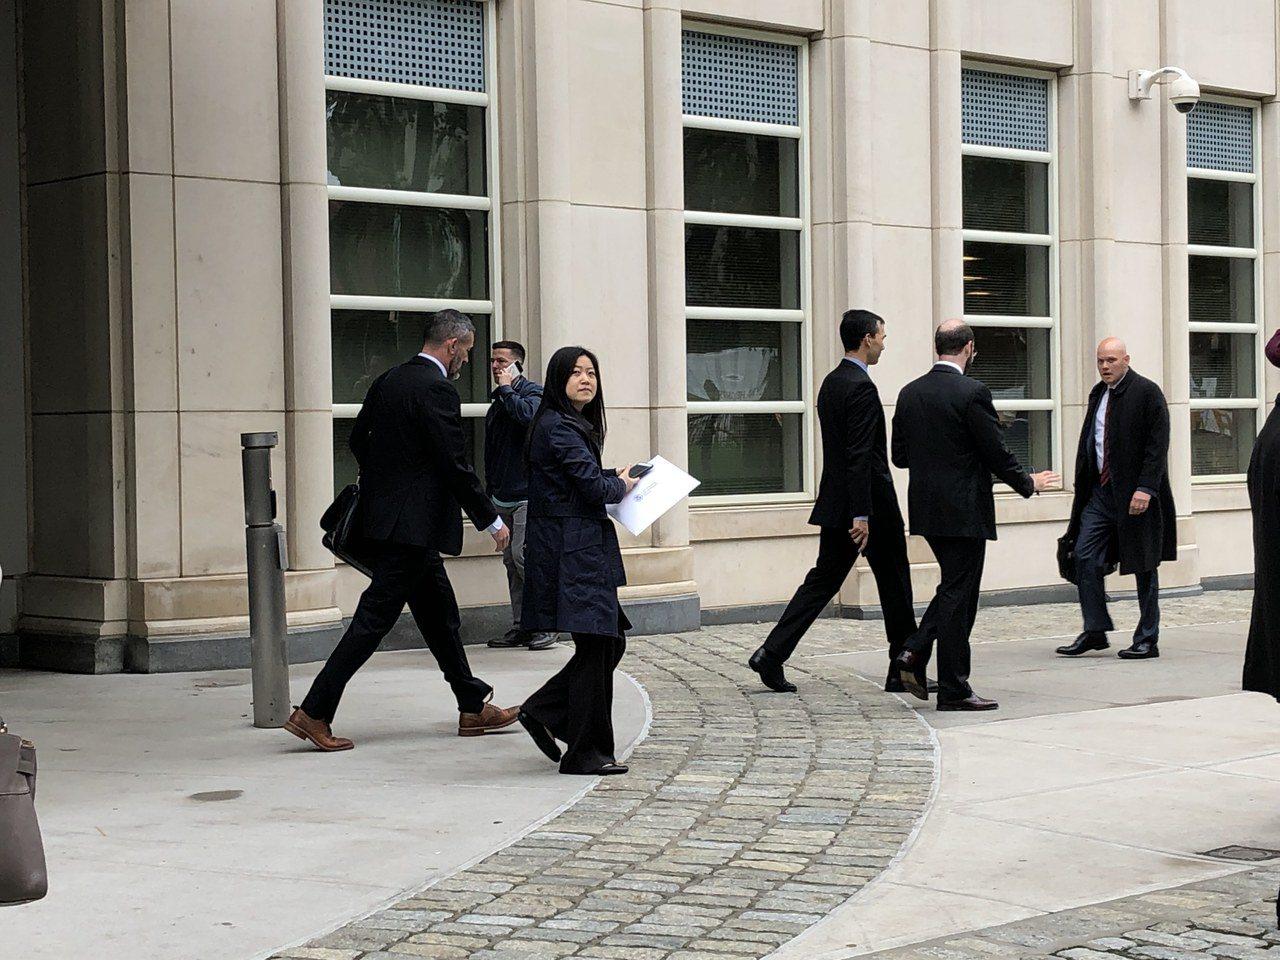 負責華為案的檢方團隊離開法院。 記者顏潔恩/攝影